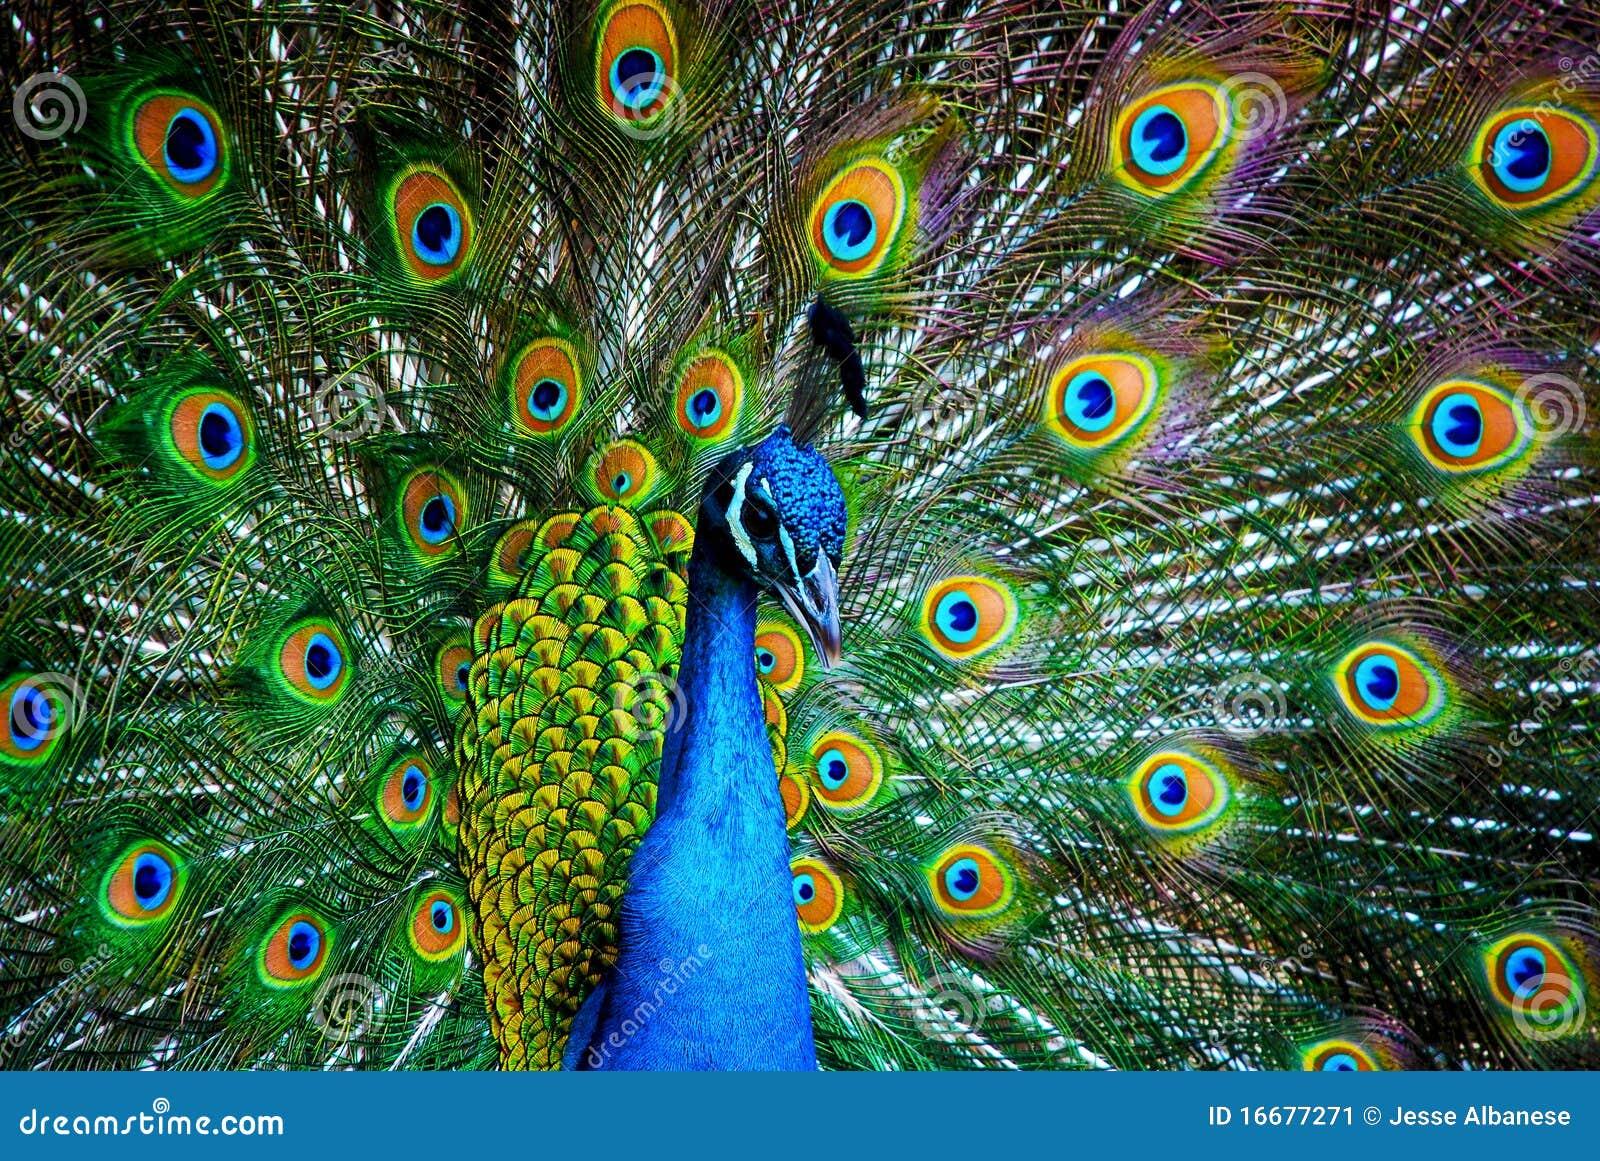 Pavo real imagen de archivo imagen 16677271 - Fotos de un pavo real ...